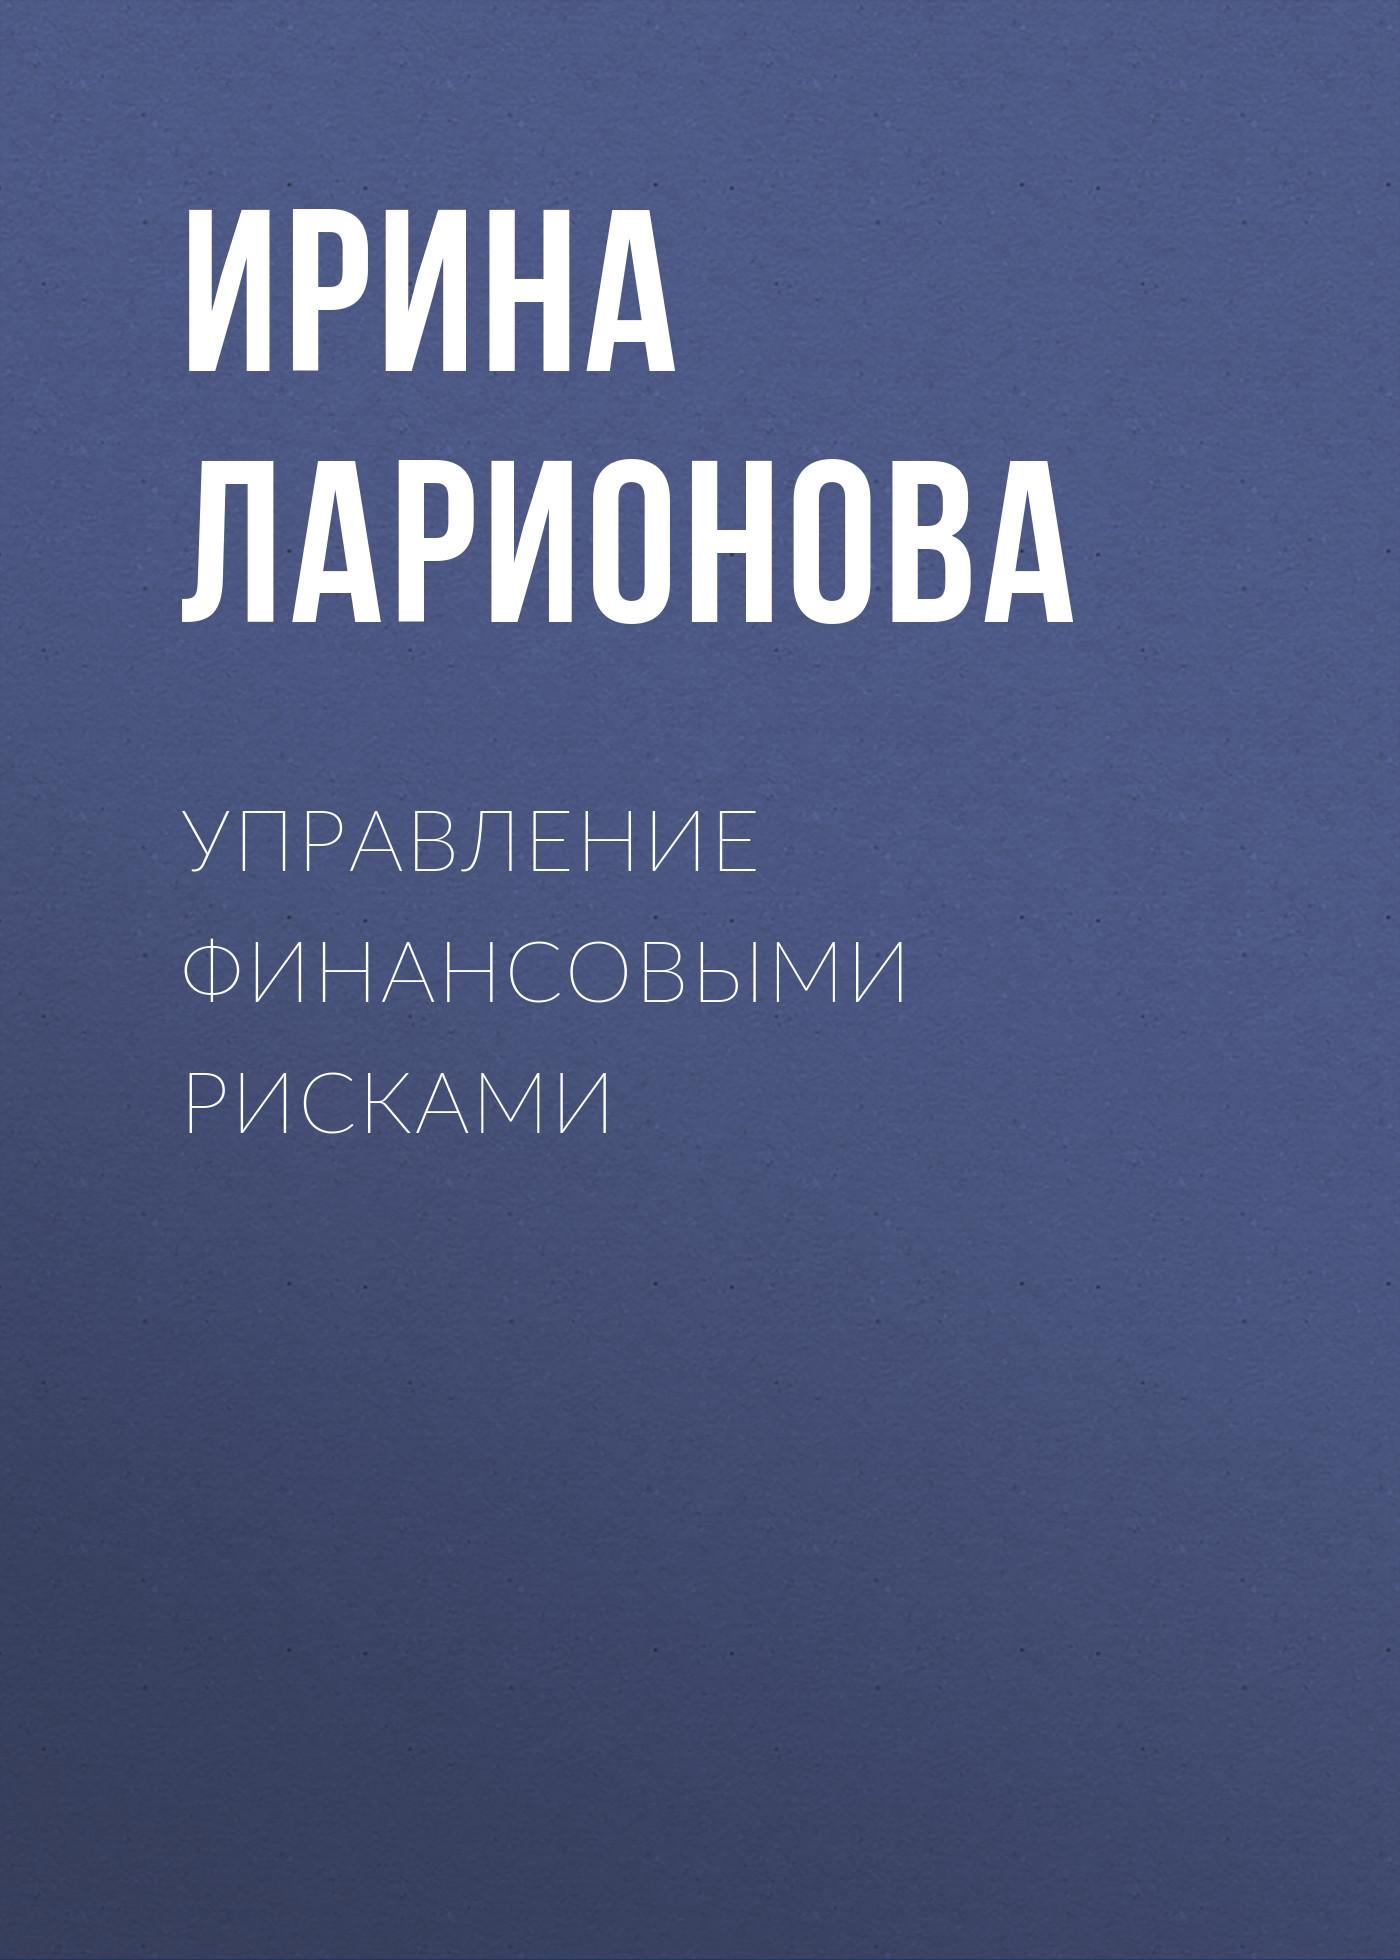 Ирина Ларионова. Управление финансовыми рисками